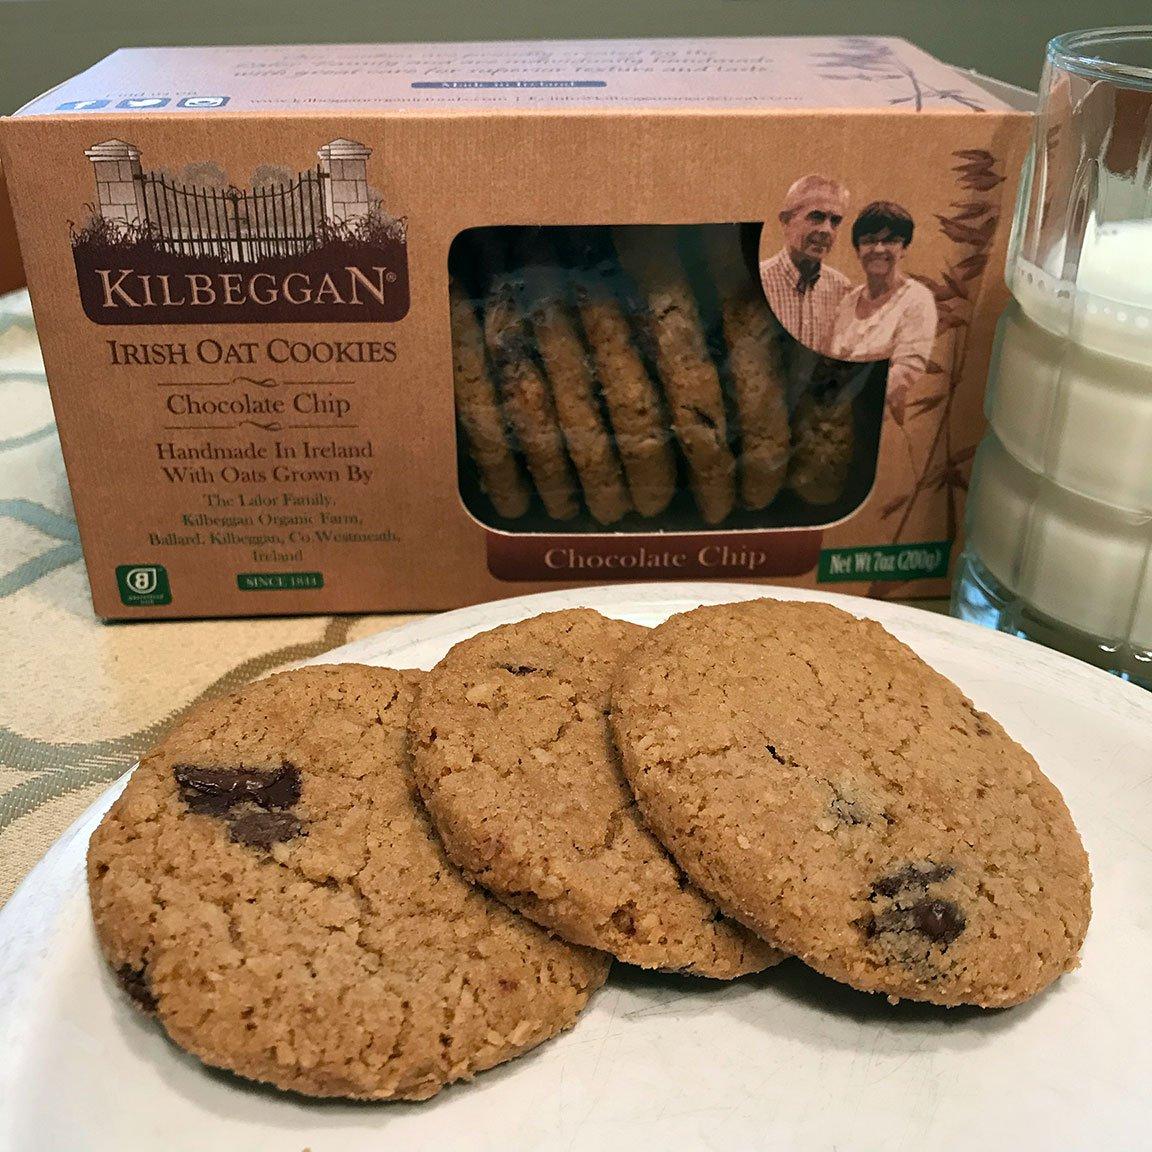 Kilbeggan Chocolate Chip Irish Oat Cookies